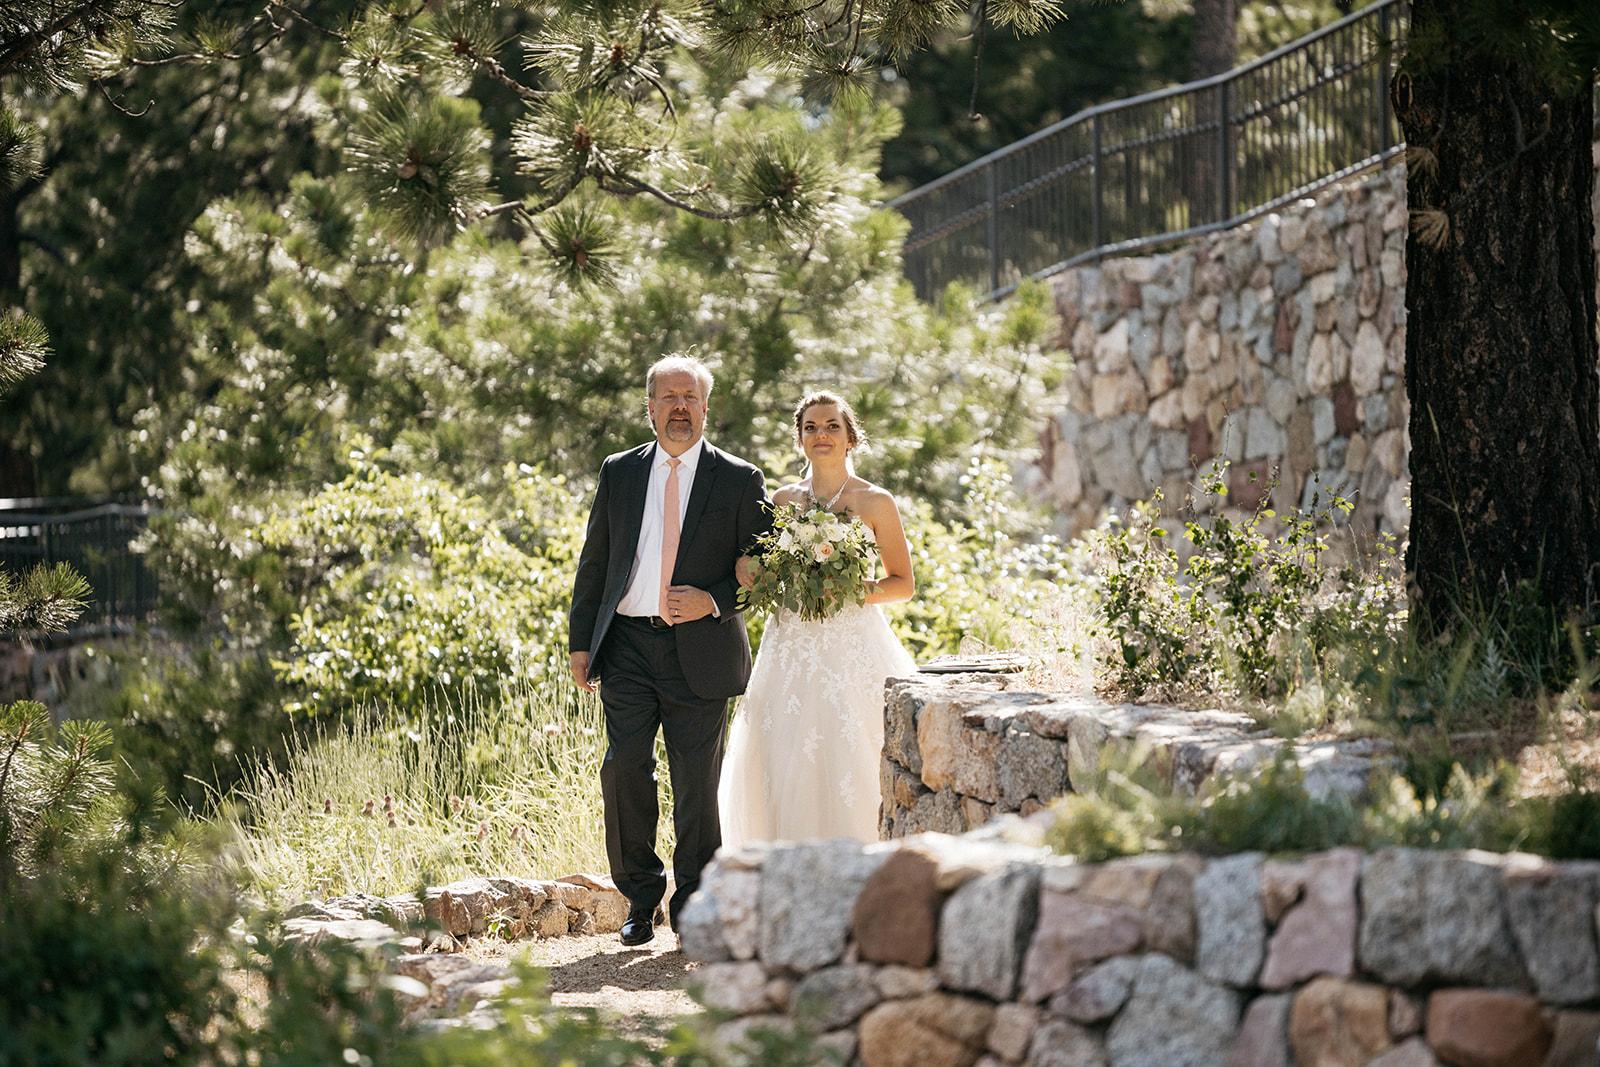 Katy_and_Solomon_Wedding_2019-167.jpg